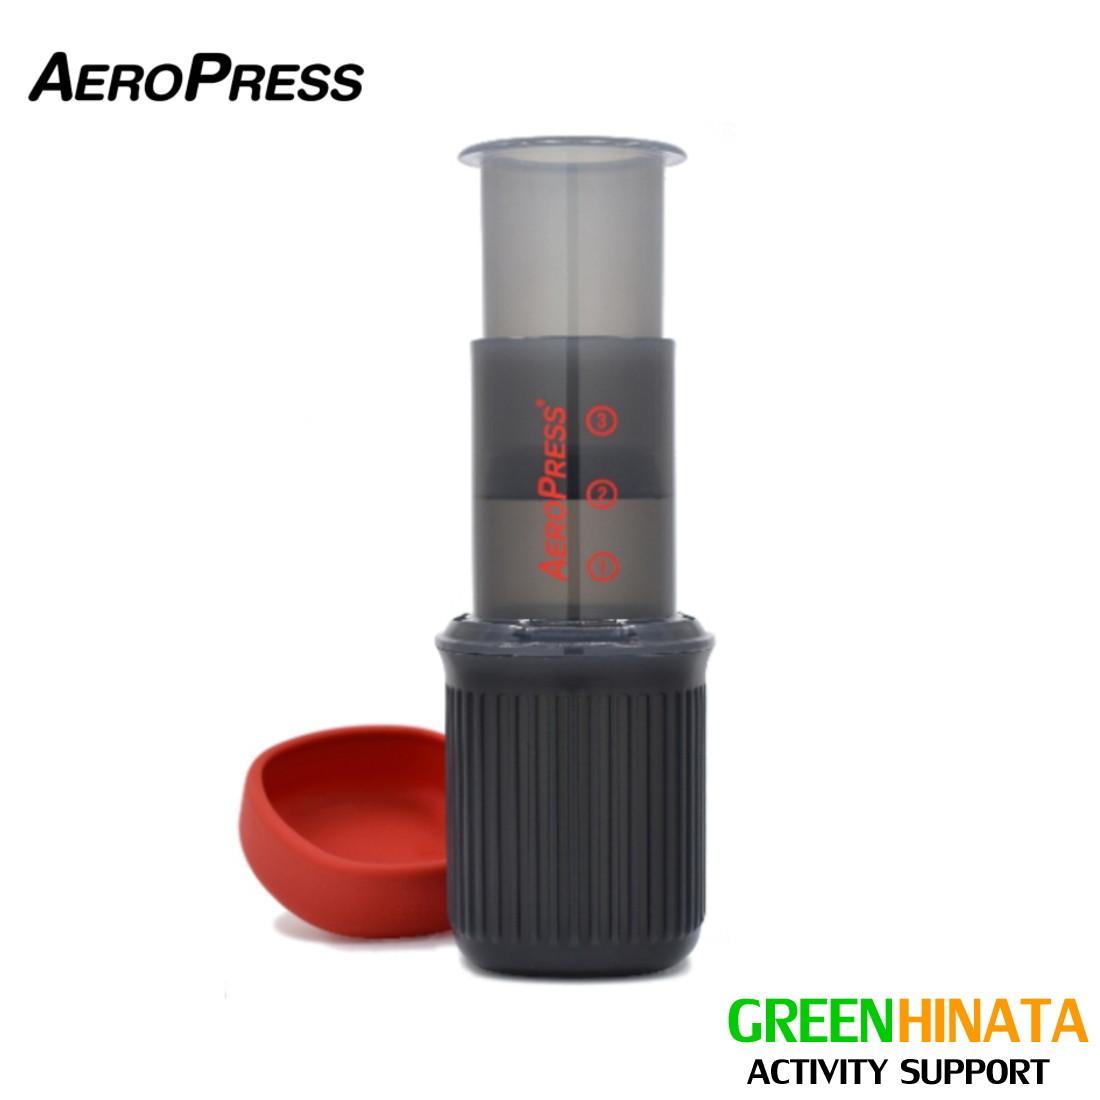 有名な 国内正規品 AeroPress エアロプレス Go Coffee Maker 日本未発売 ゴー コーヒーメーカー コーヒーミル用 手挽き 珈琲豆用